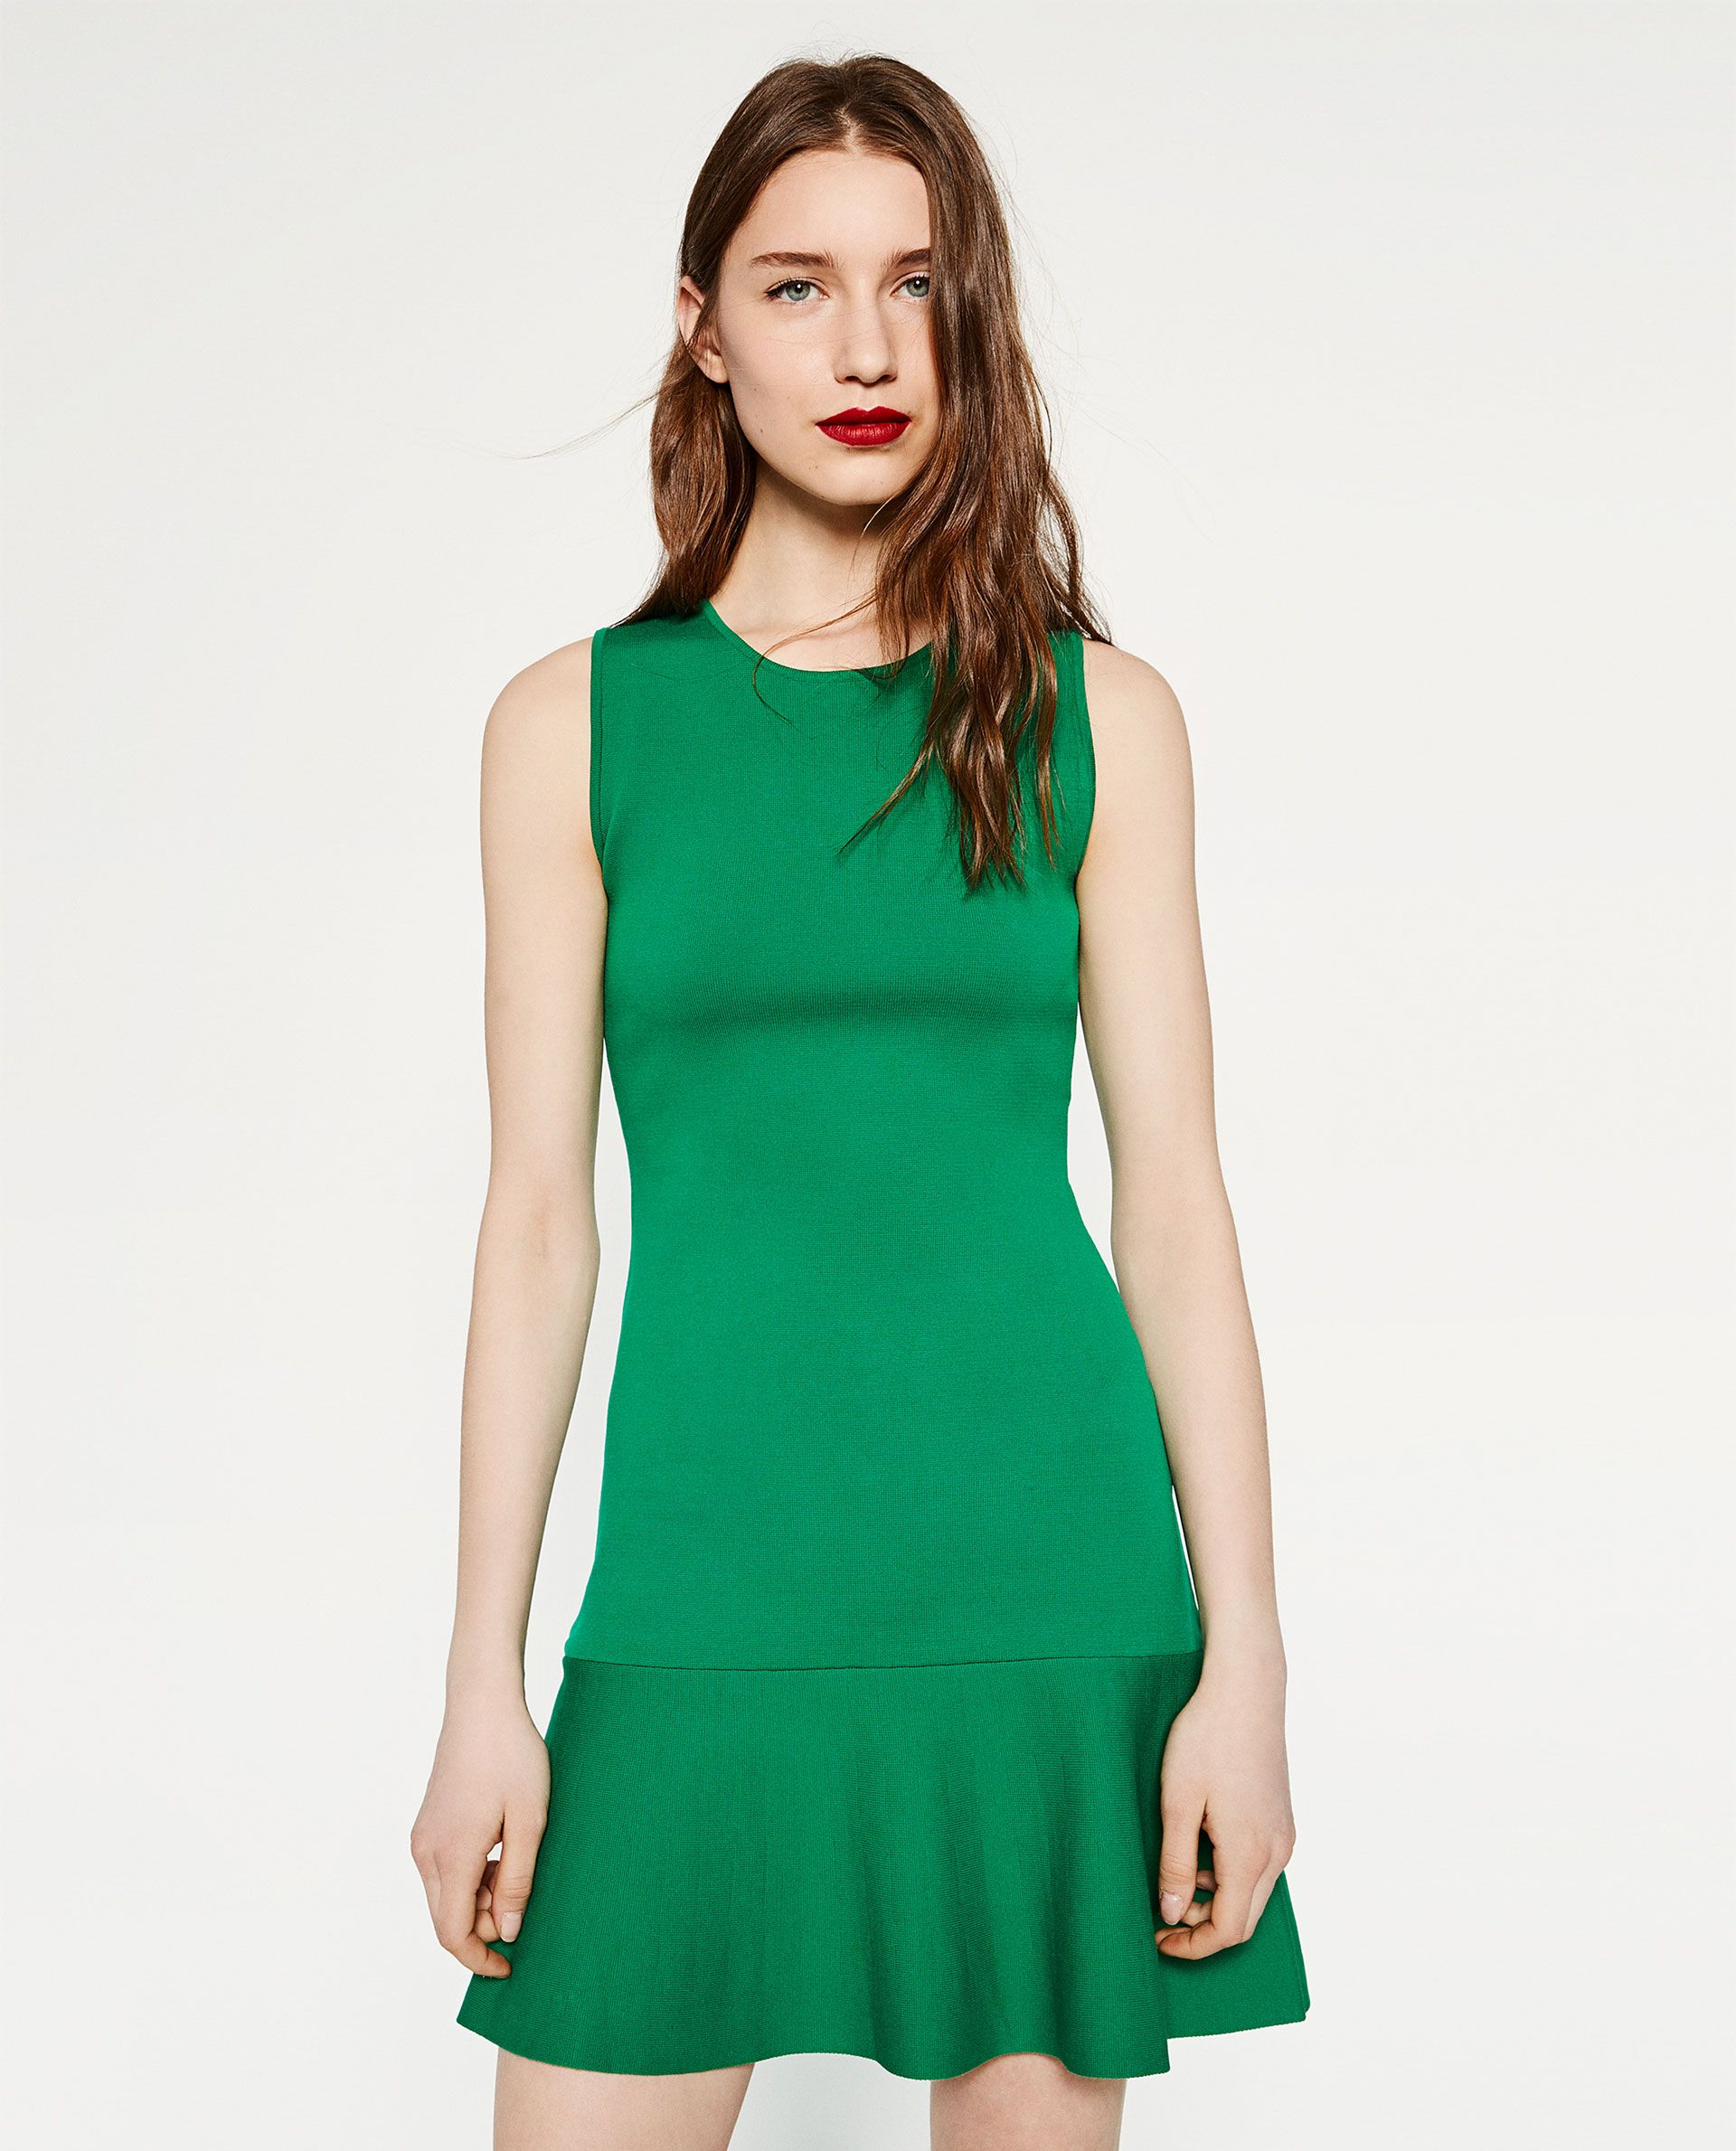 6ce4c50c604e7 Vestido com folho (verde)  ZARA (29,95€)   vestidos mercatto   Pinterest